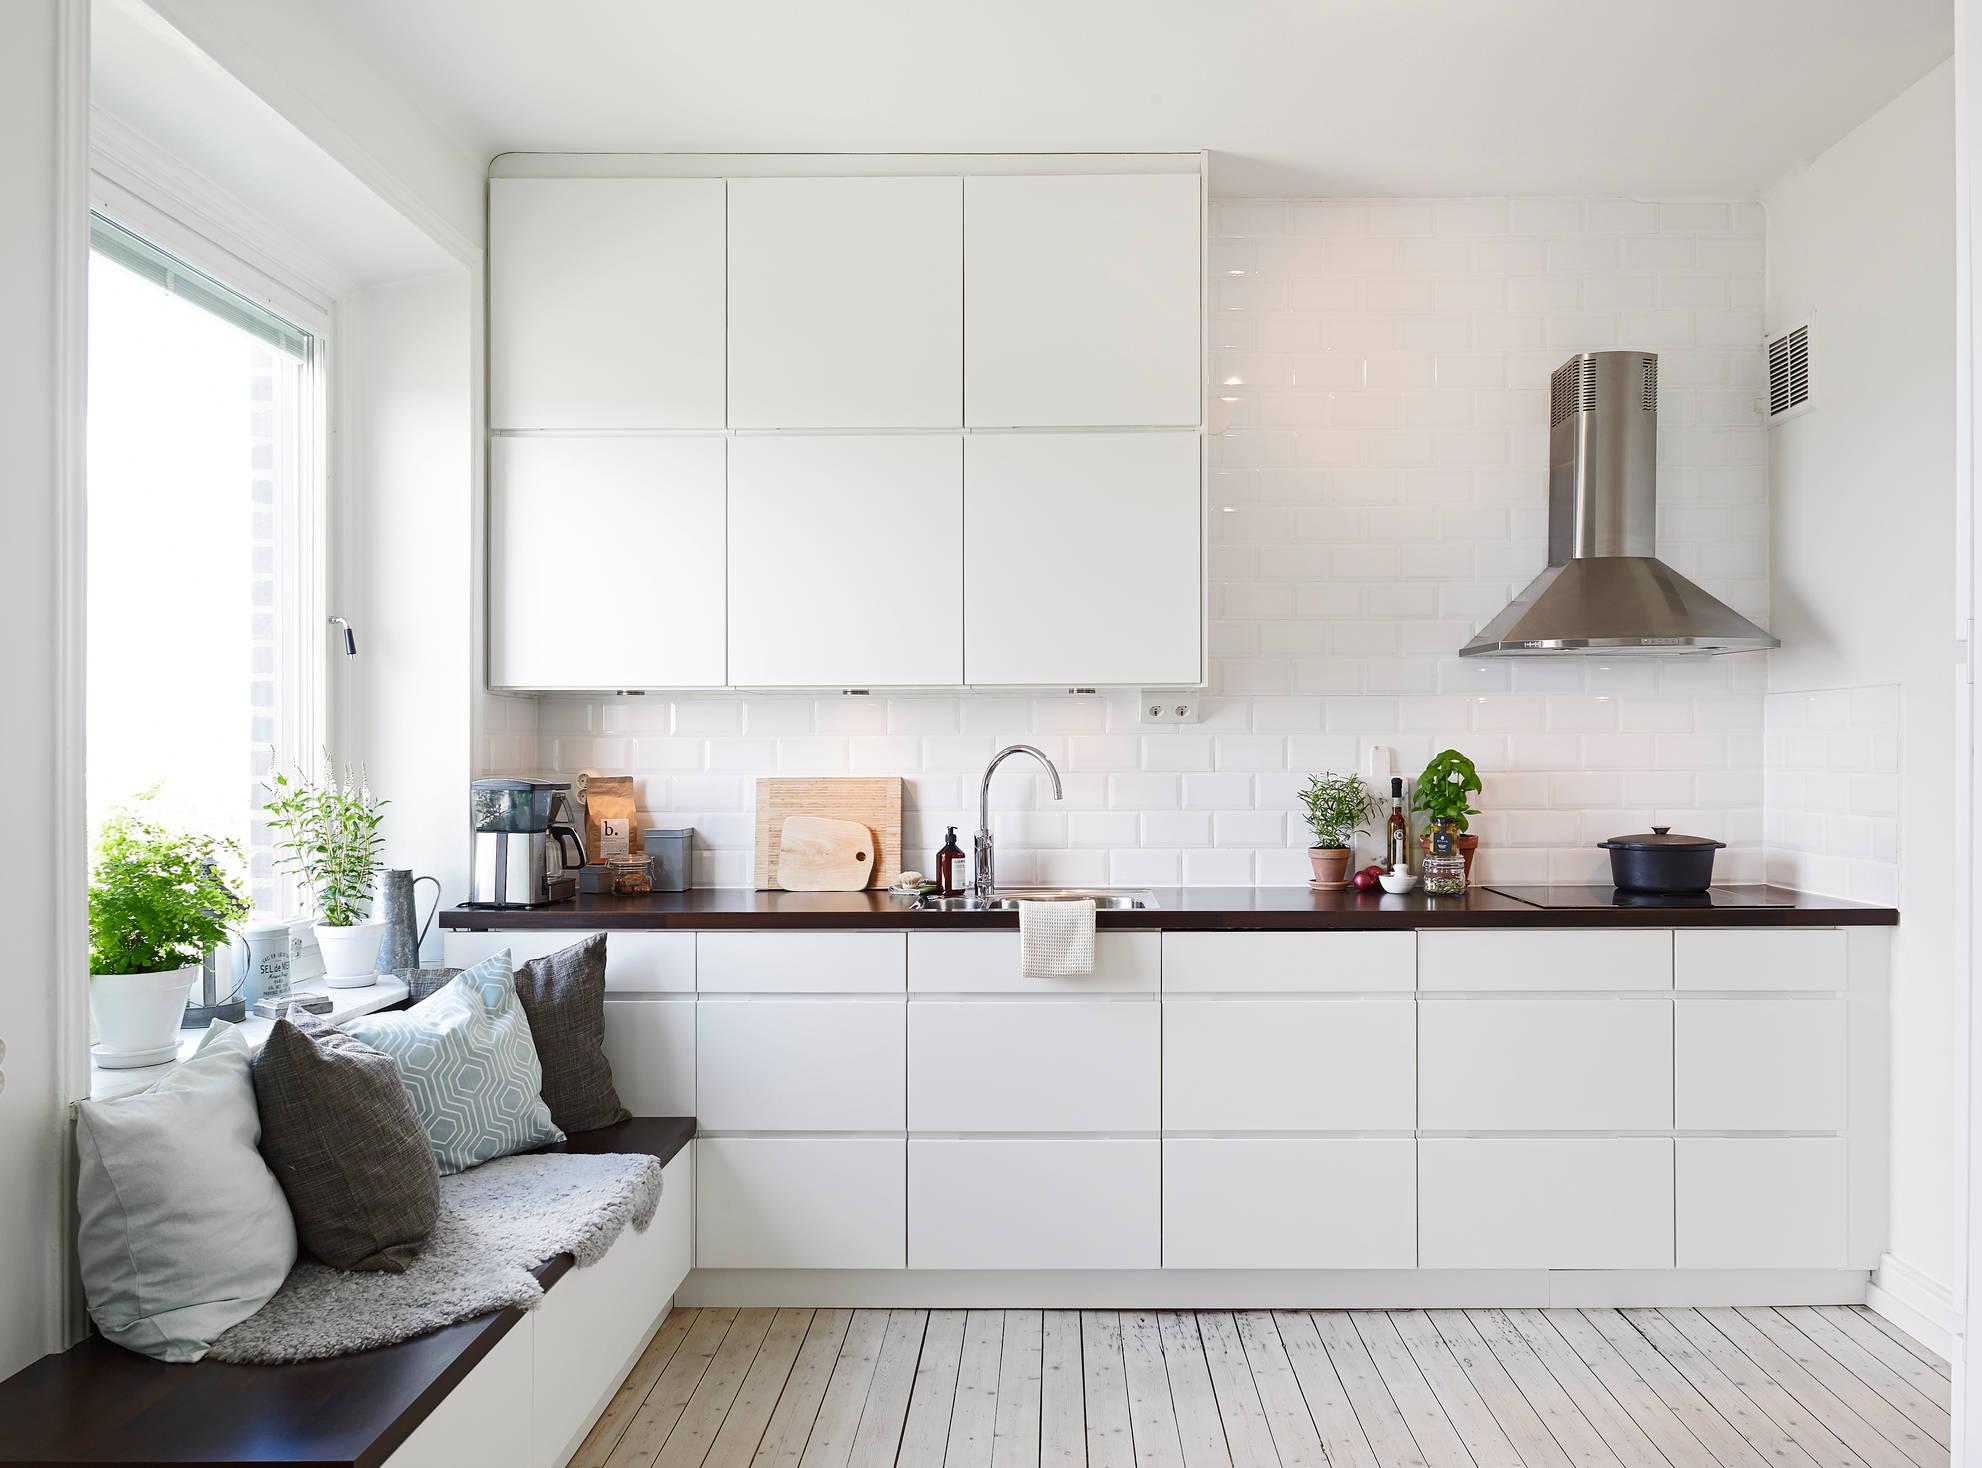 Renovaciones modernas en pisos antiguos blog tienda for Decoracion estilo nordico